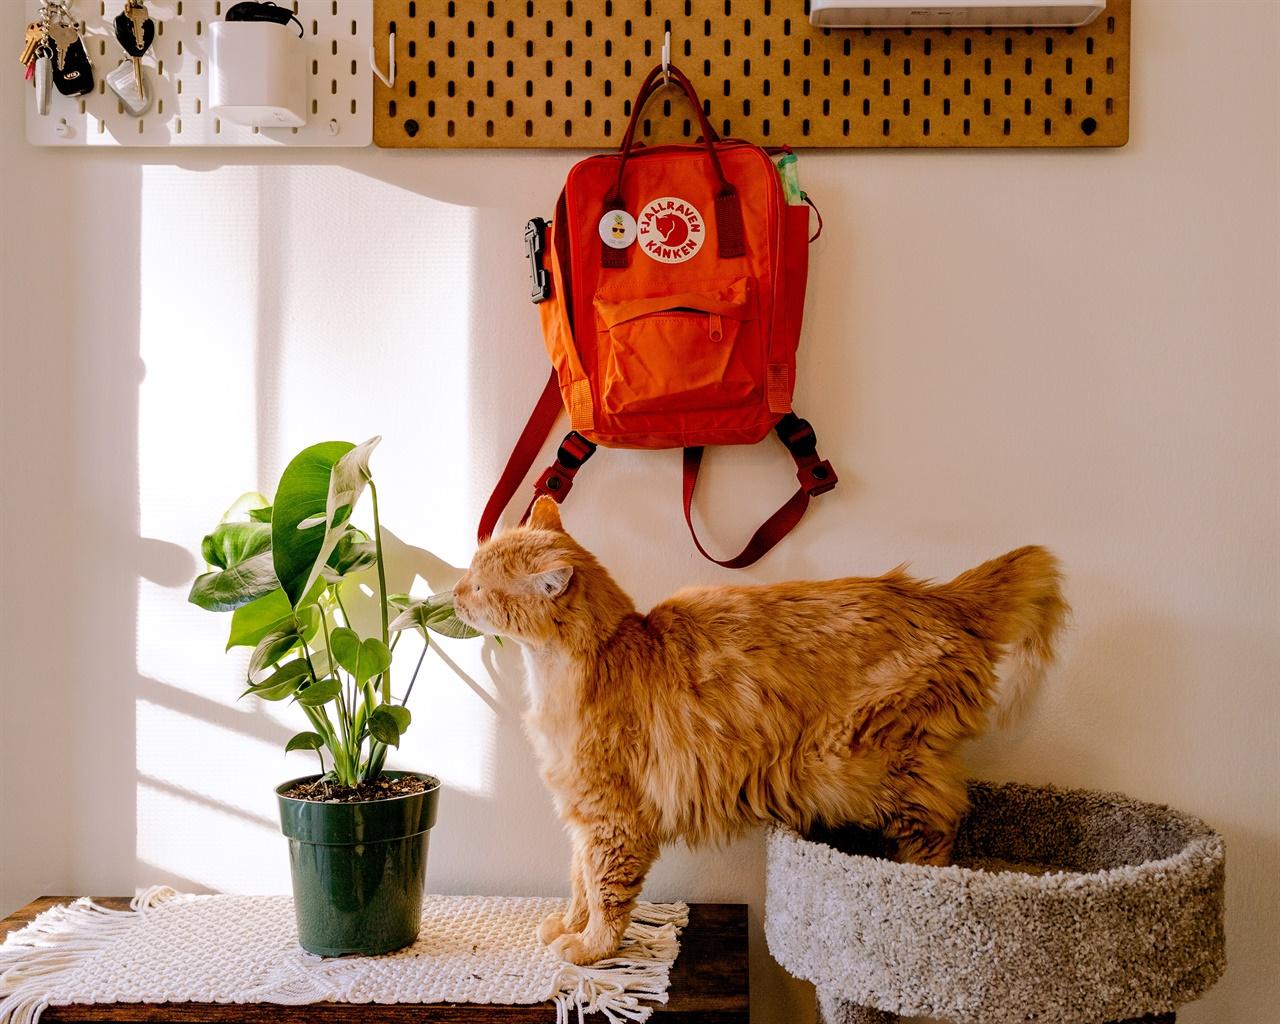 자신의 영역 안에 있을 때 안정감을 느끼는 고양이